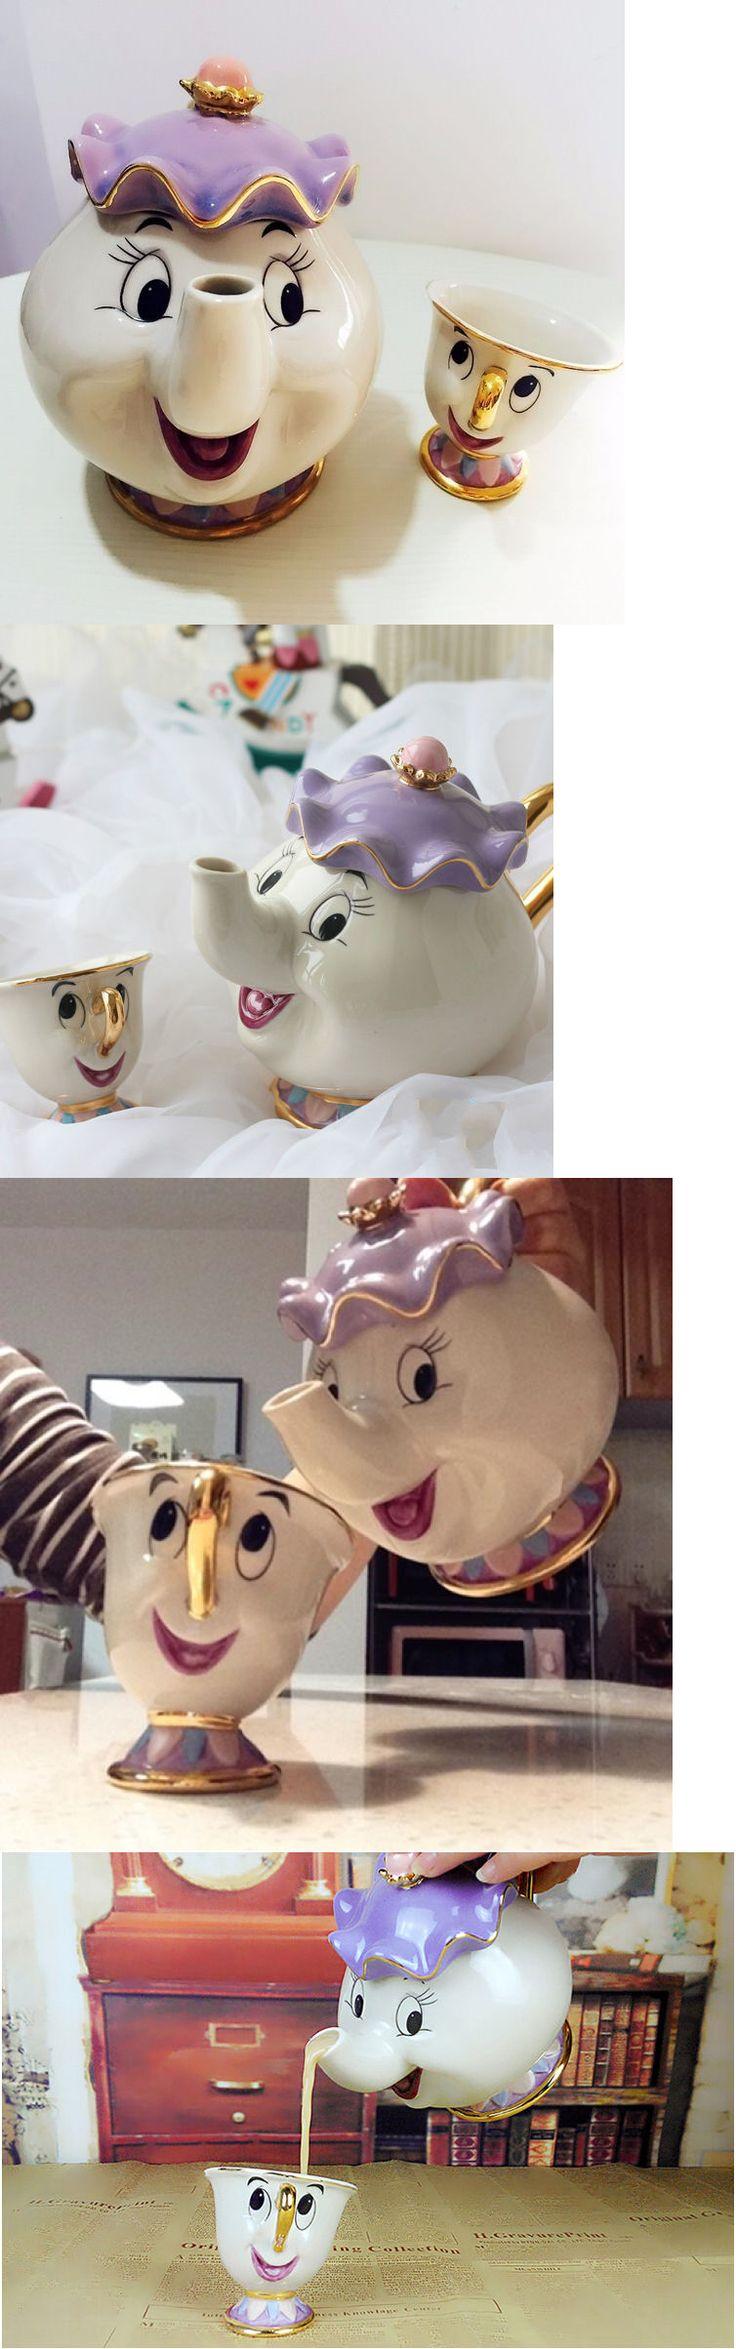 Mrs potts chip christmas decoration - Beauty And The Beast 44033 Cartoon Beauty And The Beast Teapot Mug Mrs Potts Chip